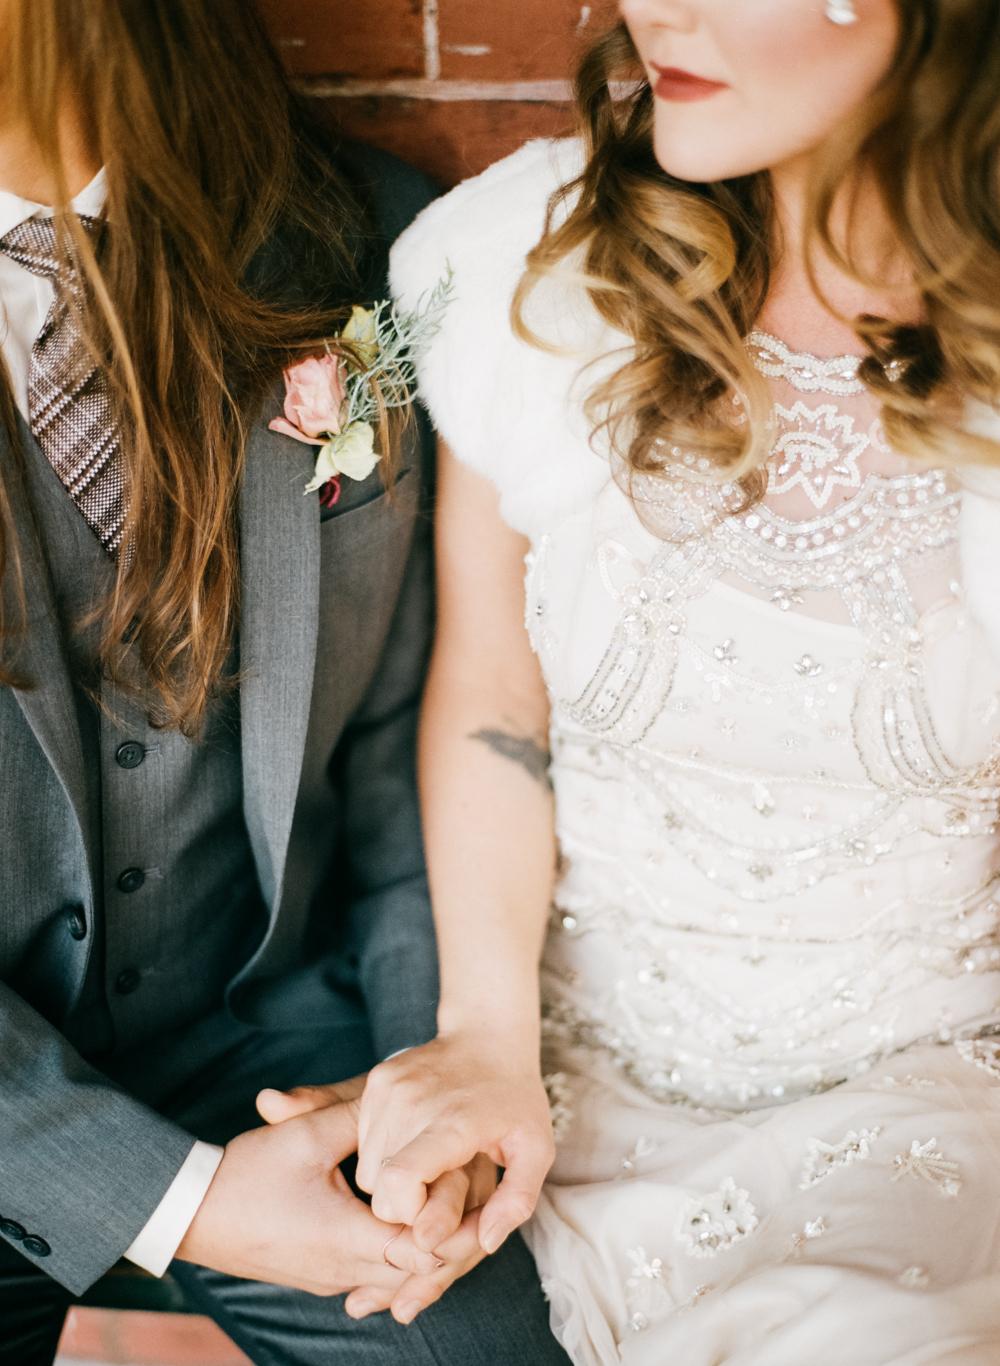 bardenay wedding venue boise-34.jpg